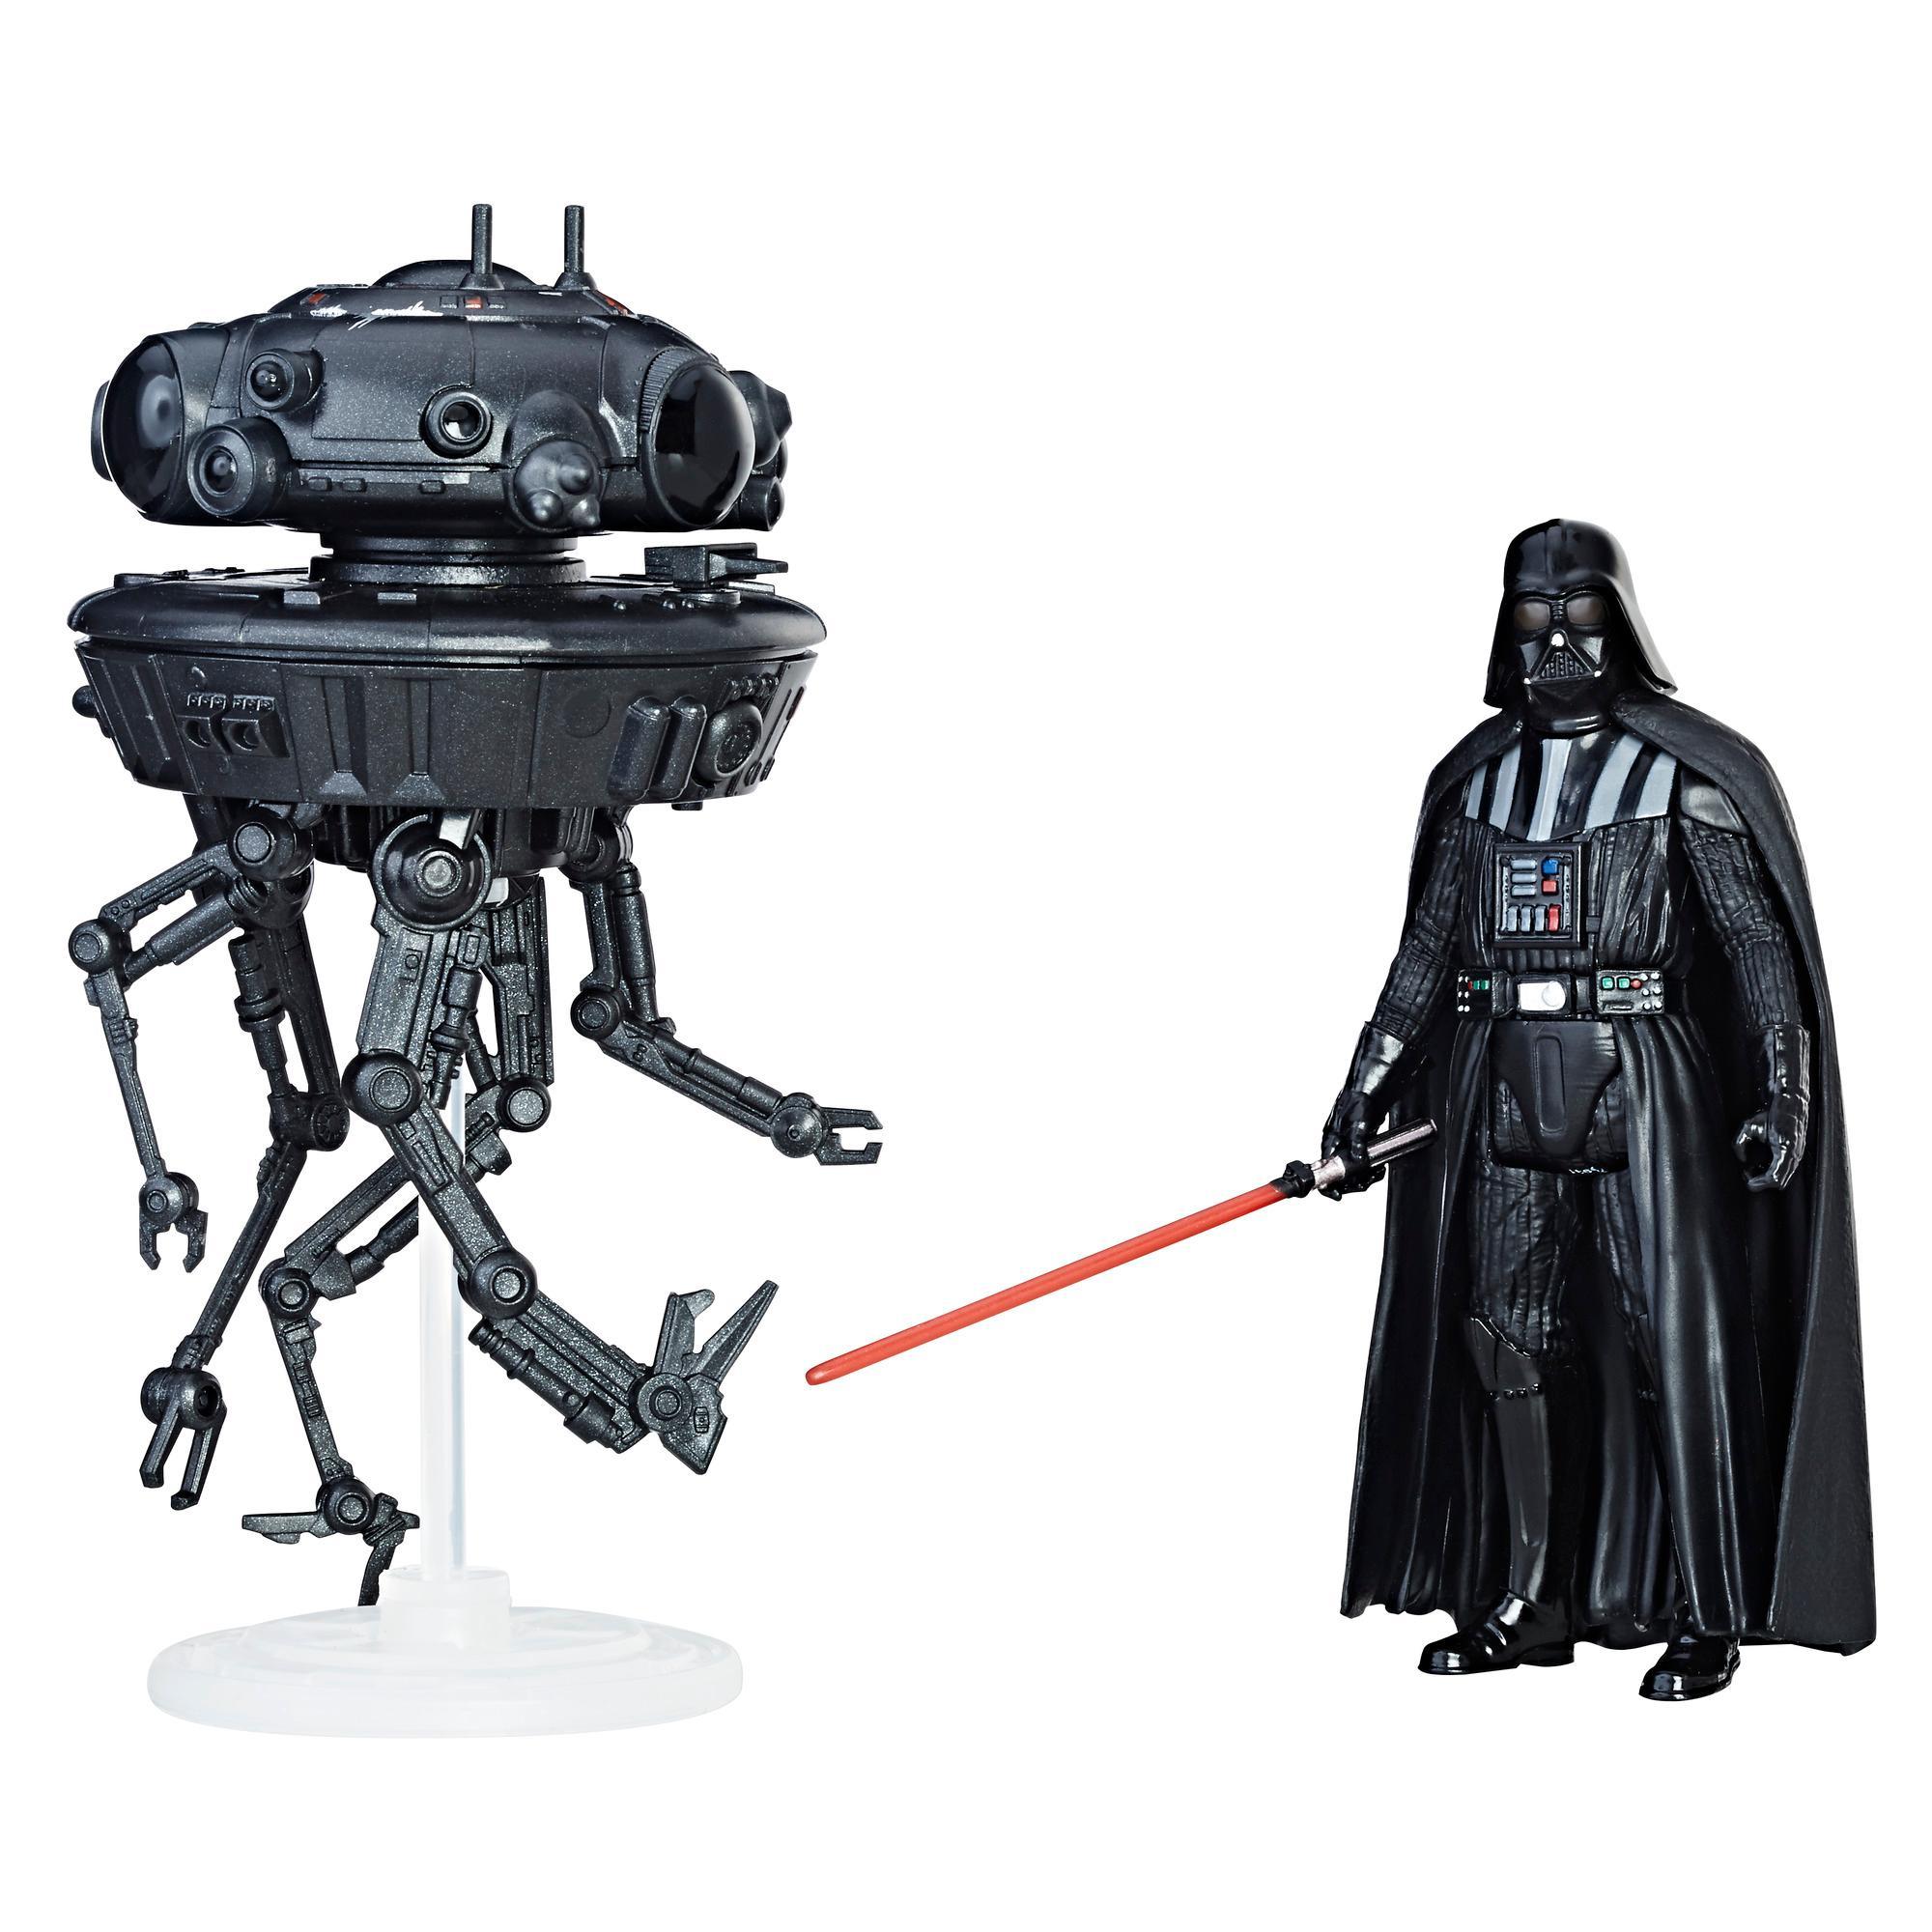 Star Wars Force Link - Droide sonda imperial y figura de Darth Vader